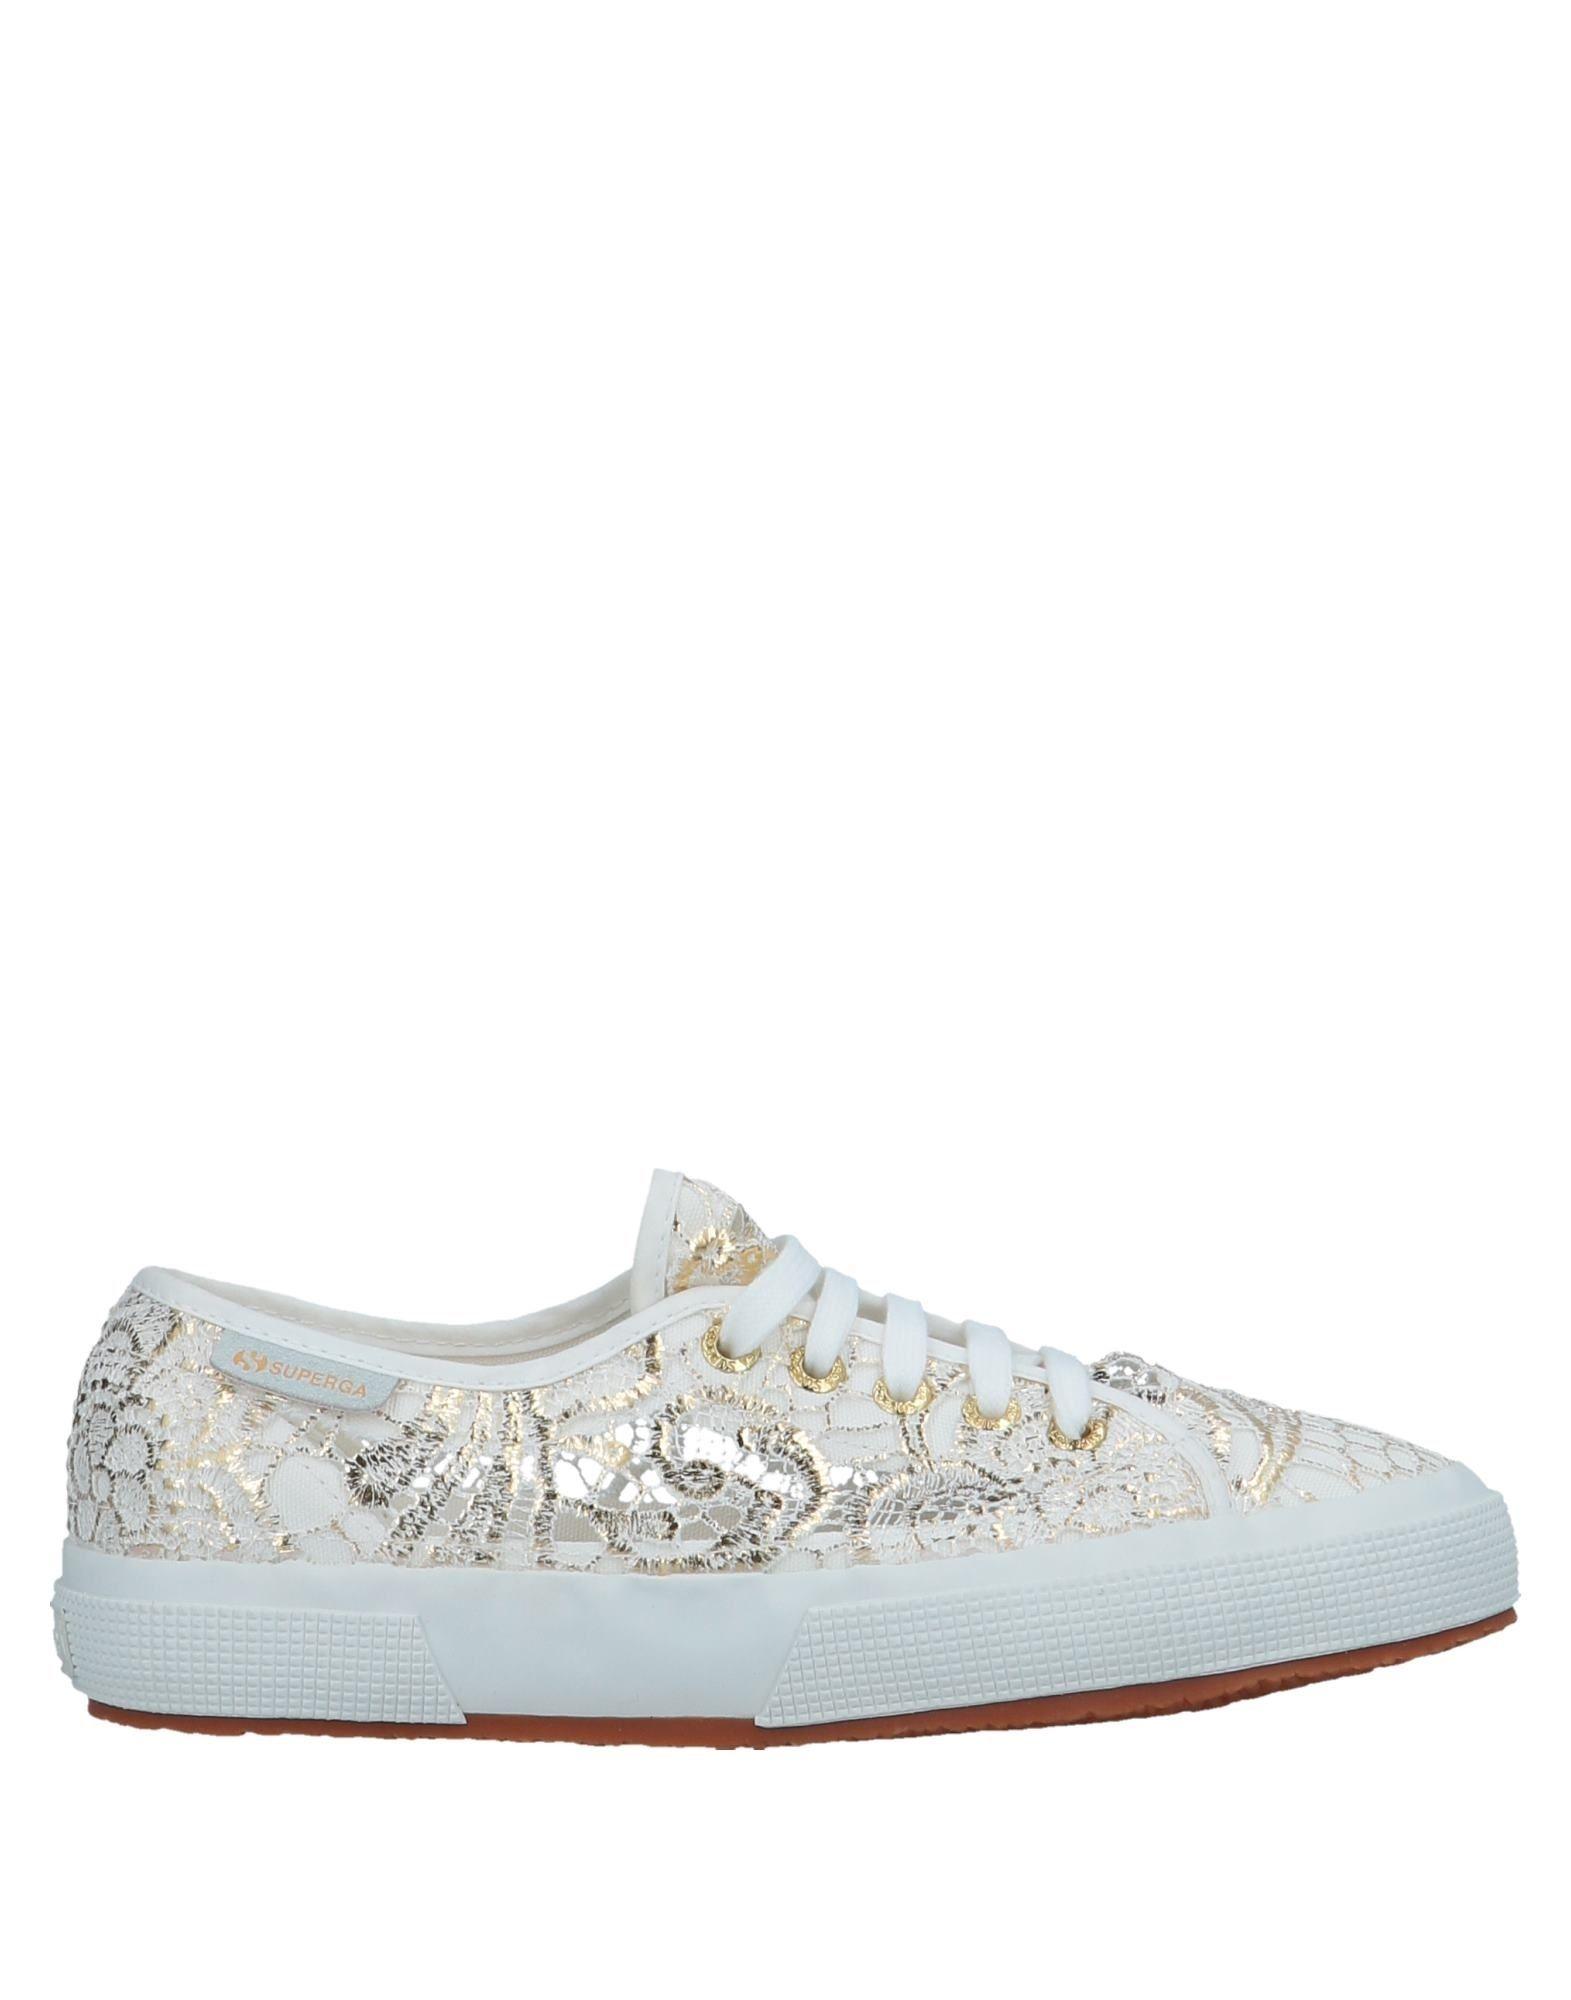 Superga® Sneakers Damen  11571256SA Gute Qualität beliebte Schuhe